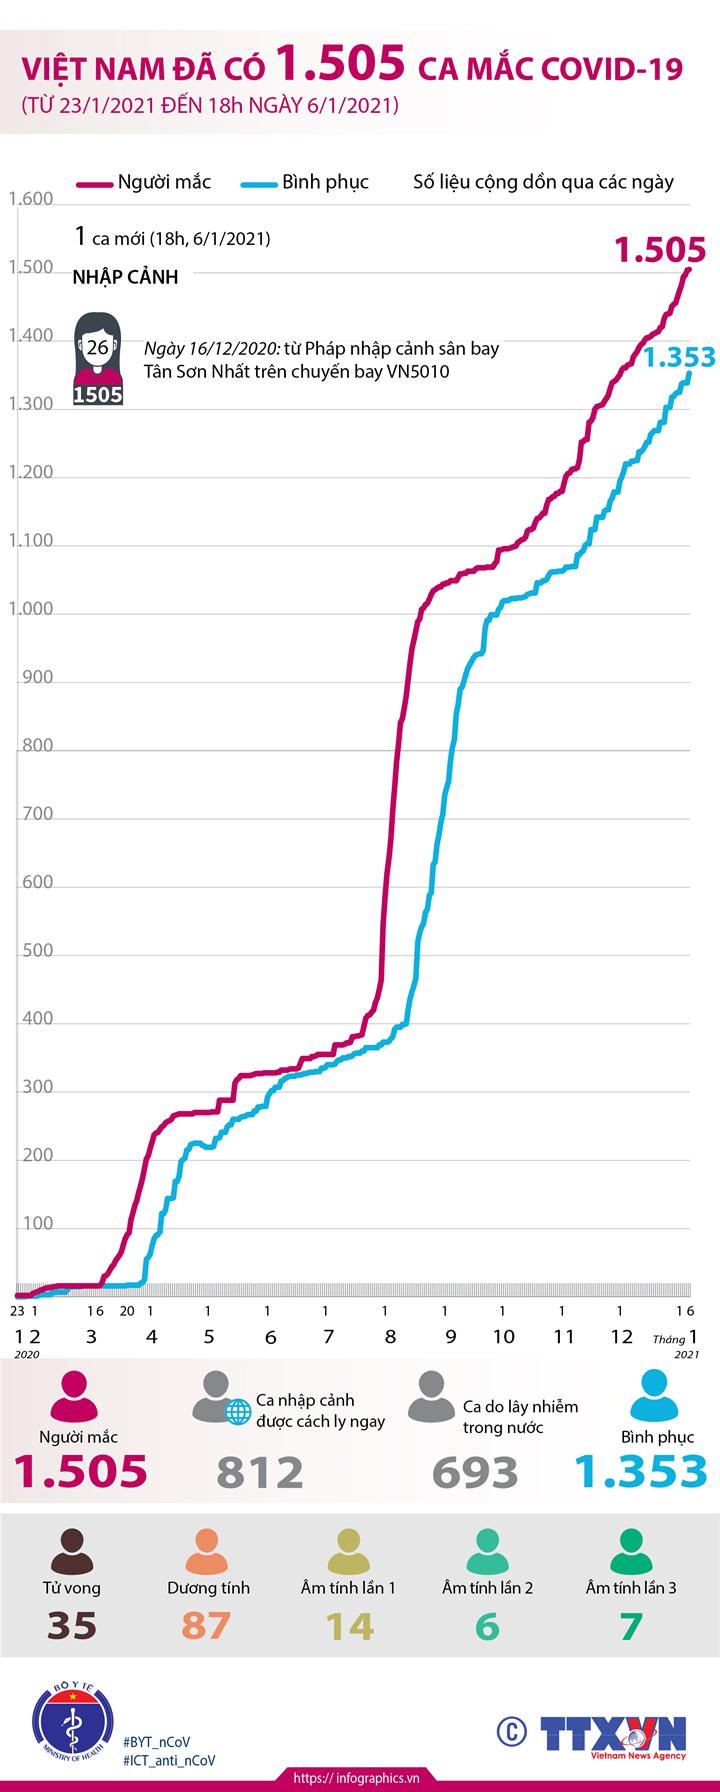 Việt Nam đã có 1.505 ca mắc COVID-19 (từ 23/1/2020 đến 18h ngày  6/1/2021)